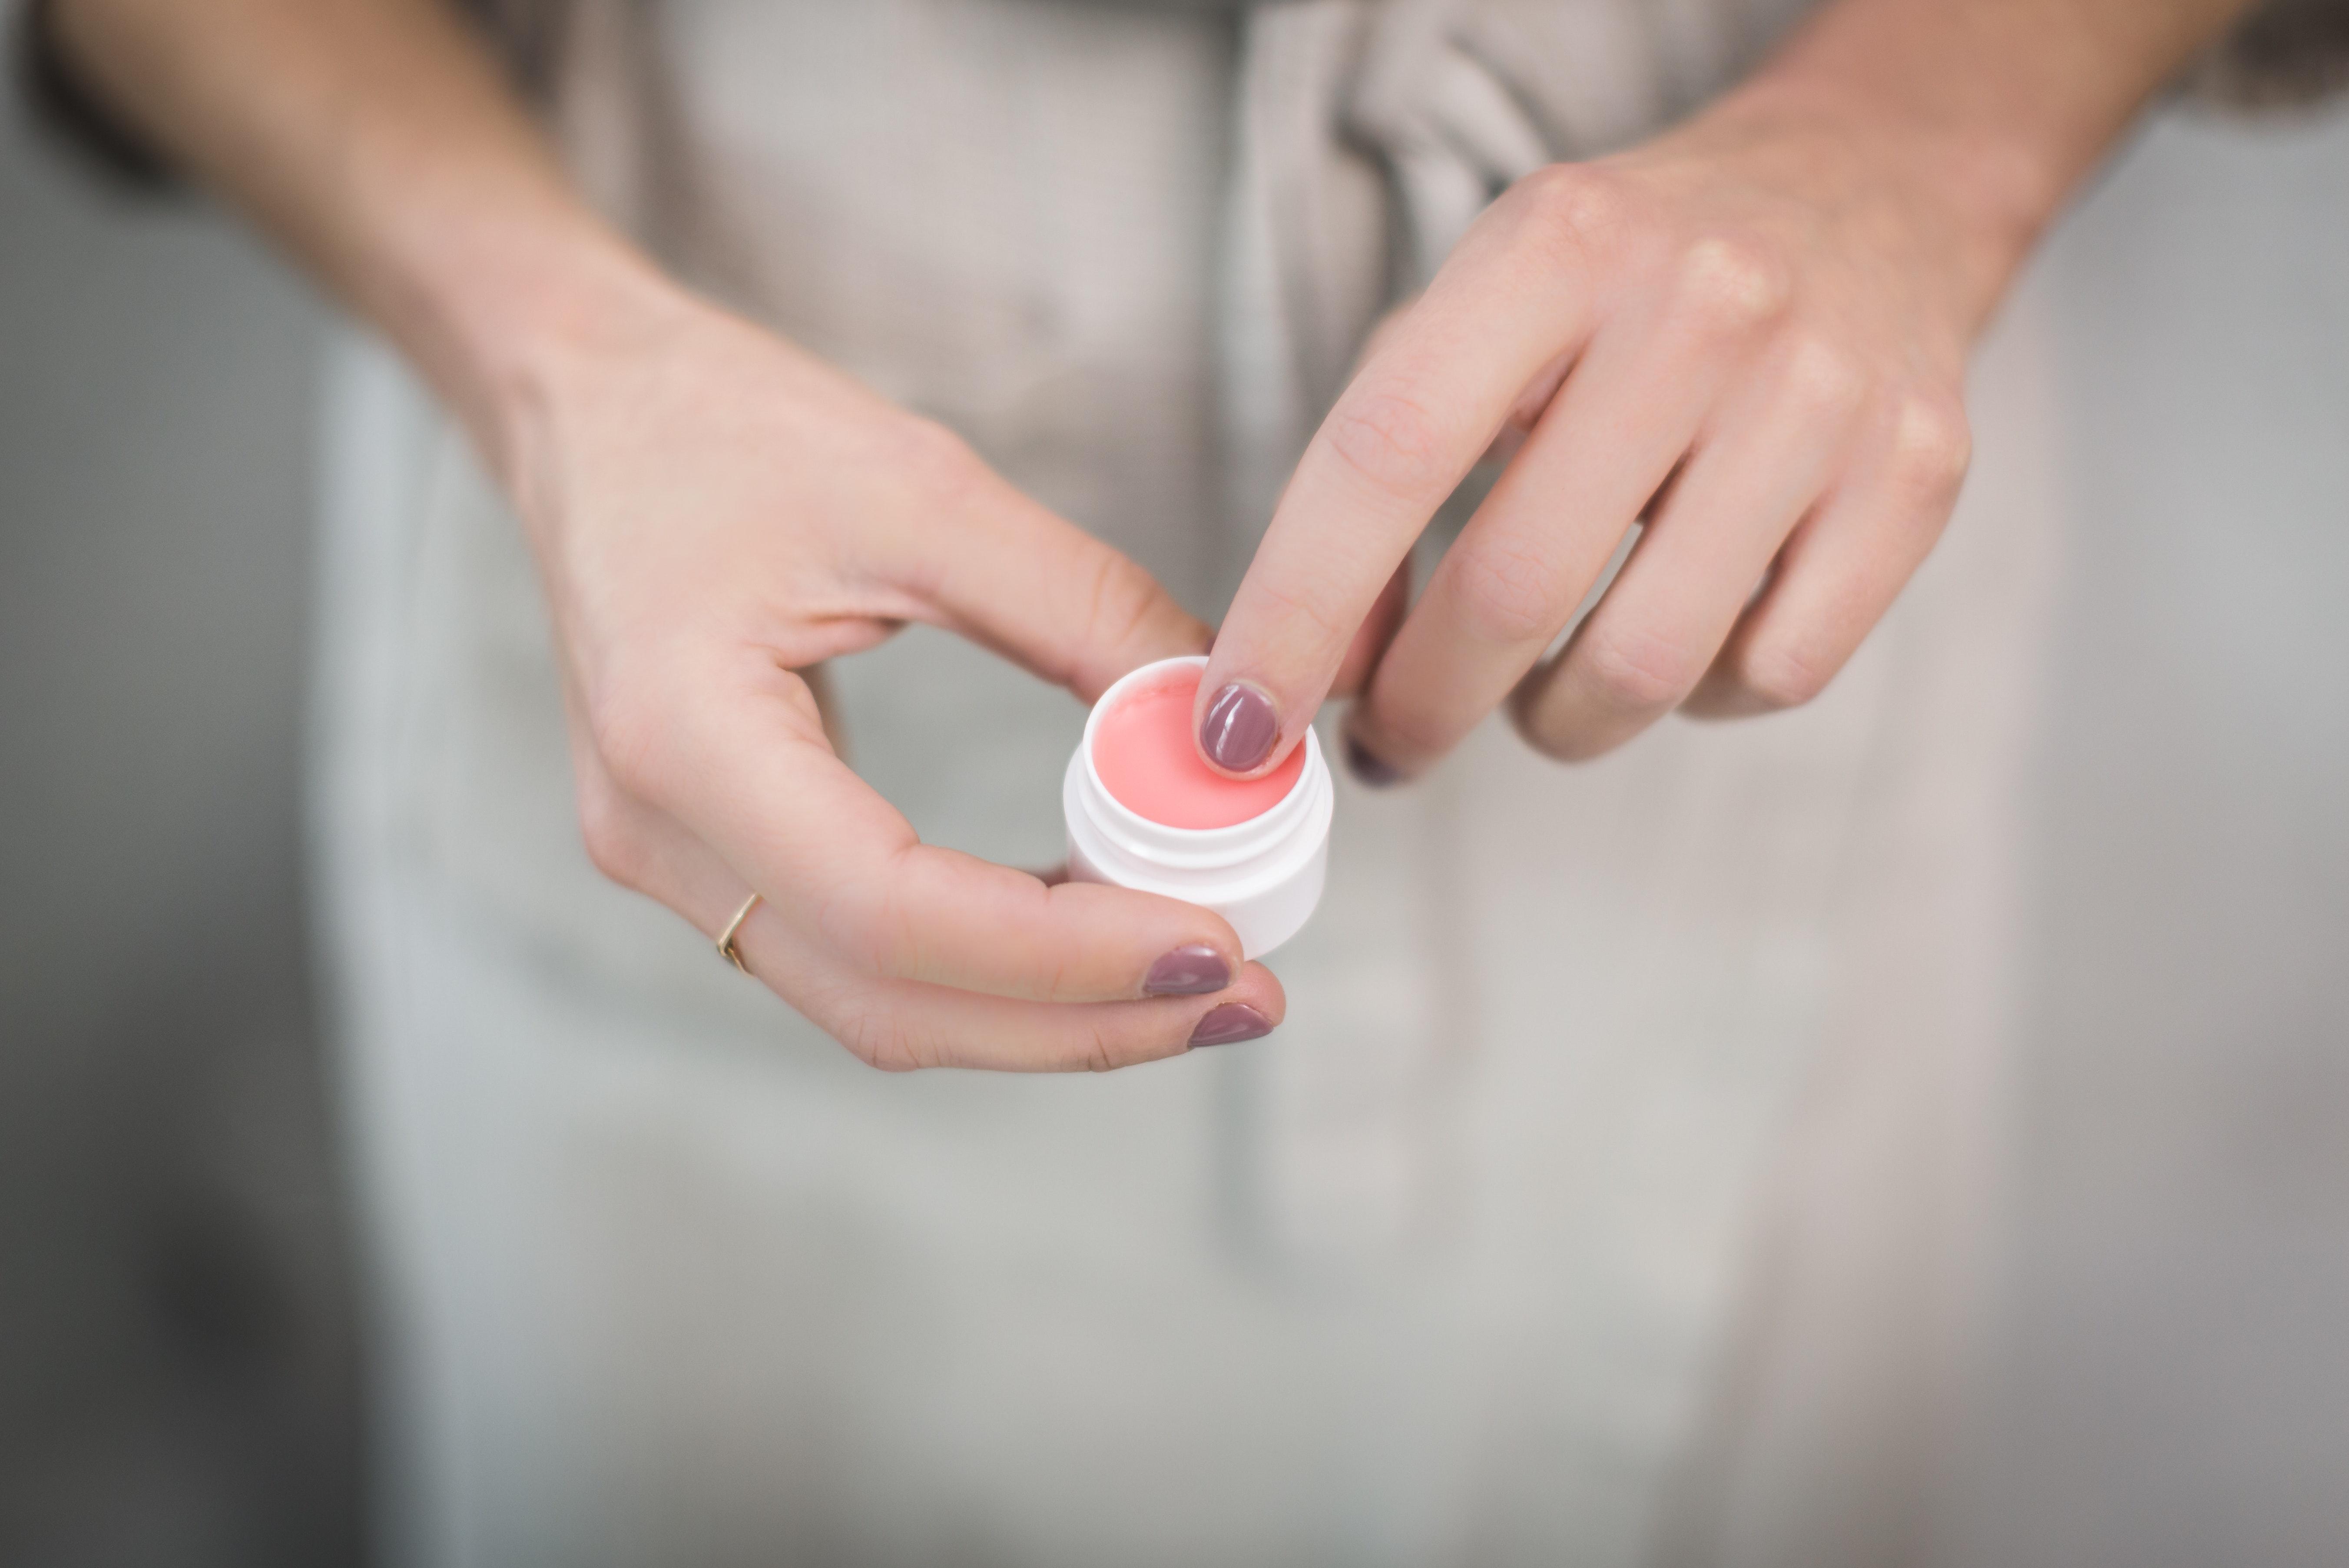 Vier natuurlijke cosmeticaproducten die je zelf kunt maken